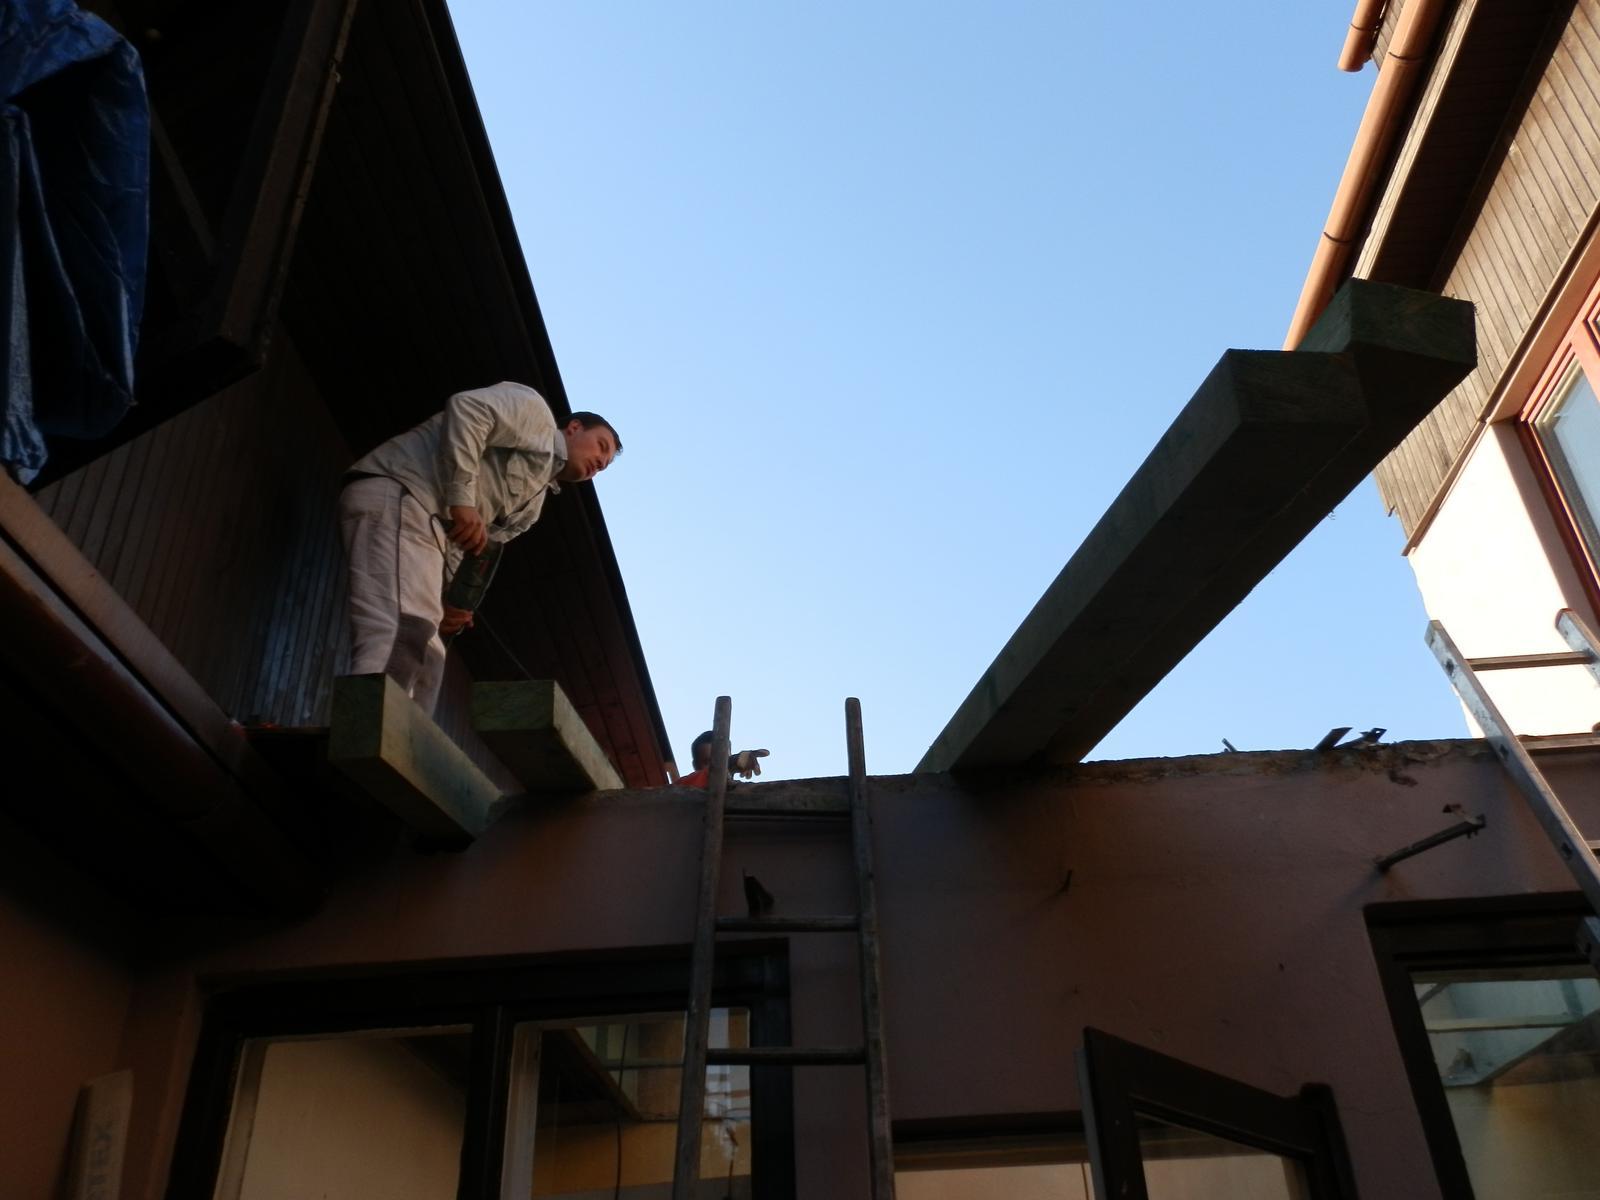 Náš byt v domě- rekonstrukce - Obrázek č. 60